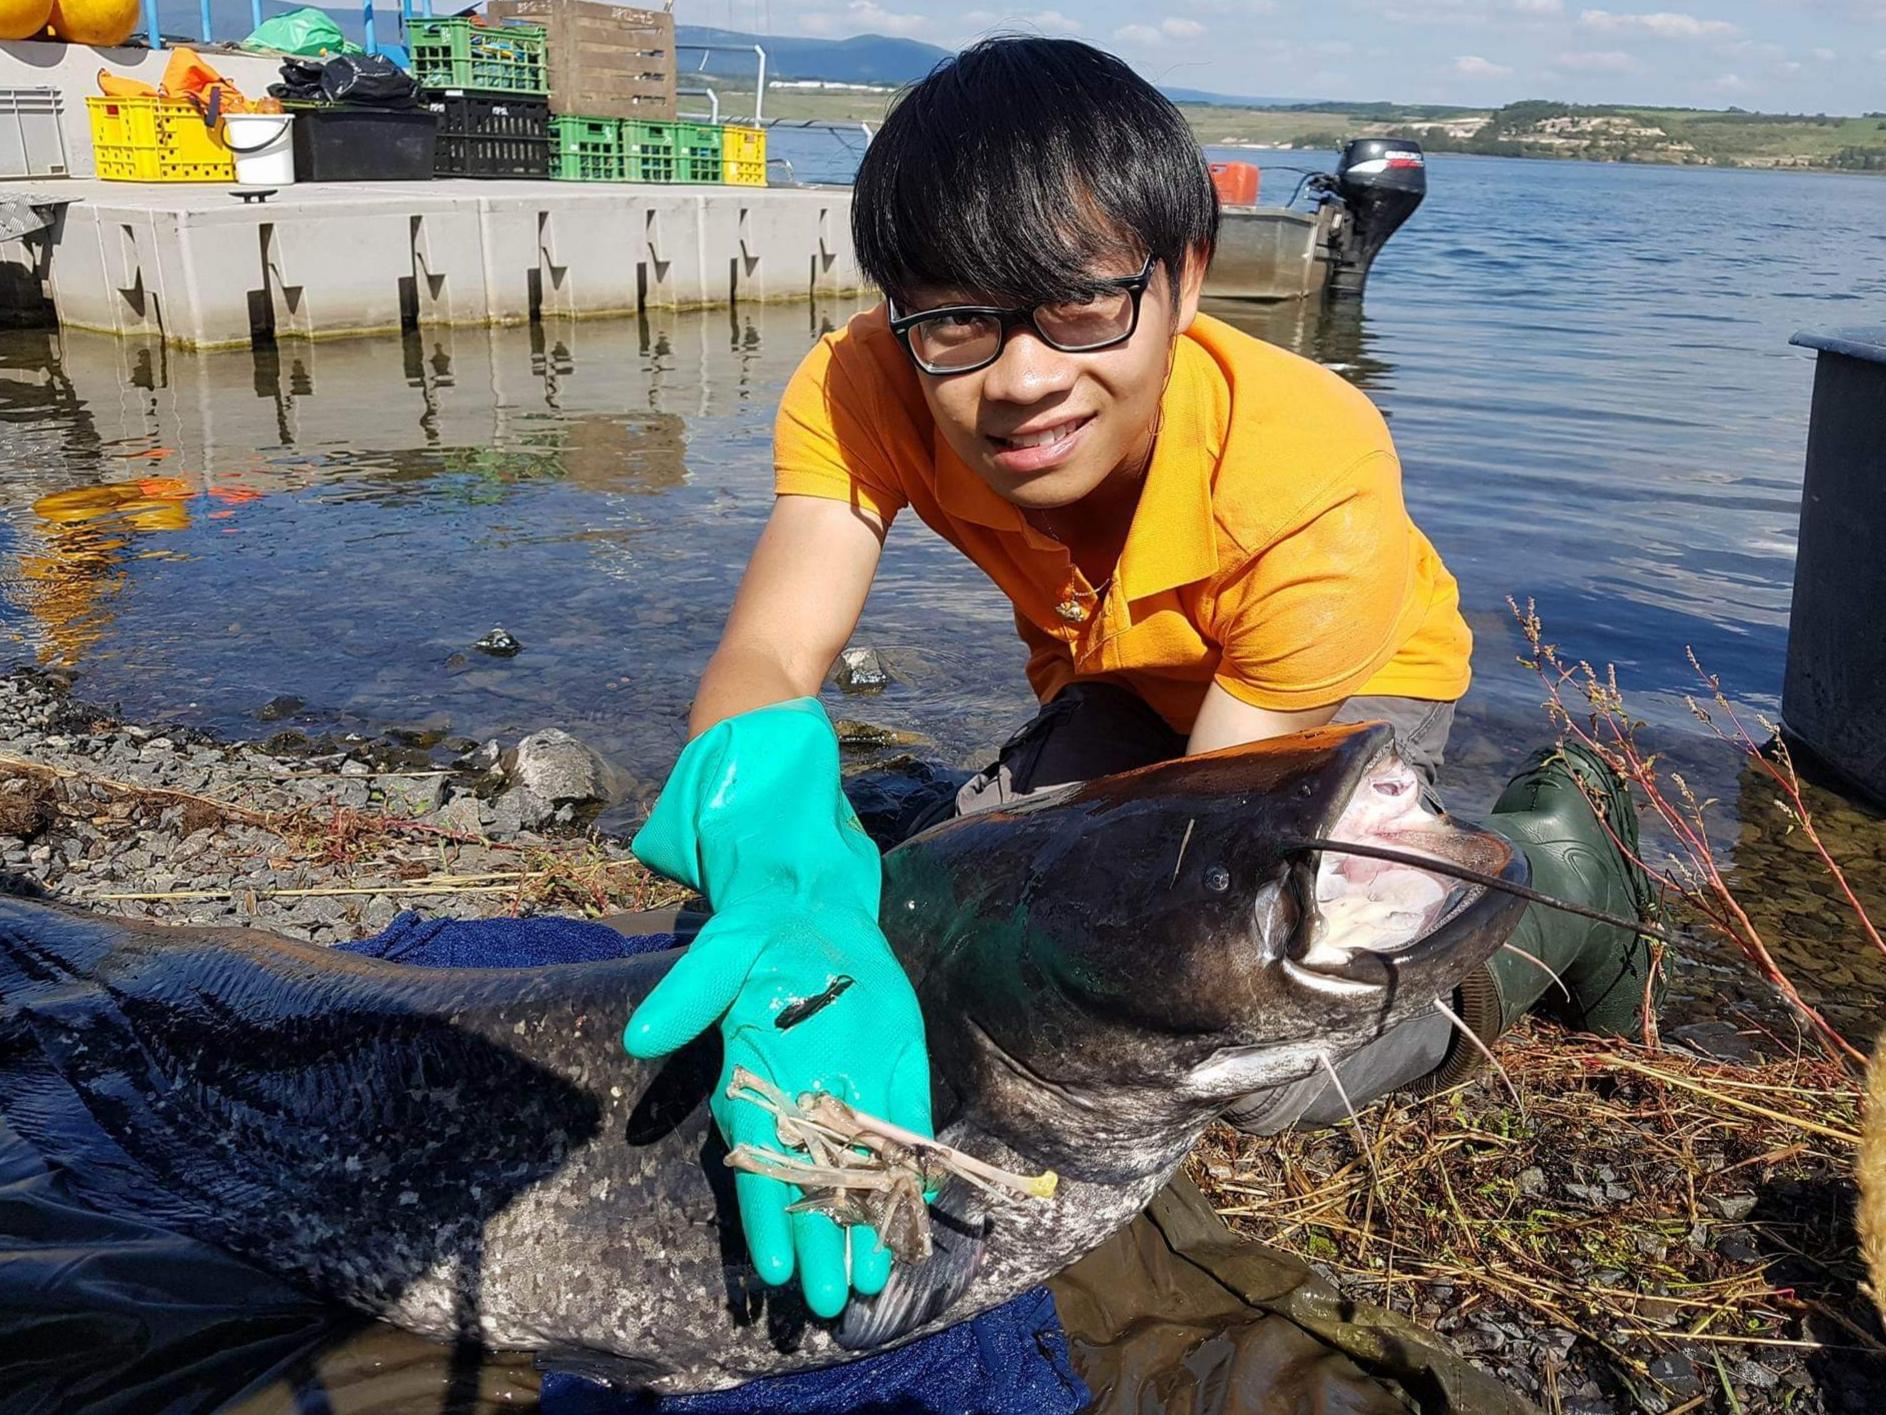 Šonova hodina rybářské vietnamštiny: Cá Nheo ăn vịt [ka-ňeo-an-vit] = Sumec kachnožravec